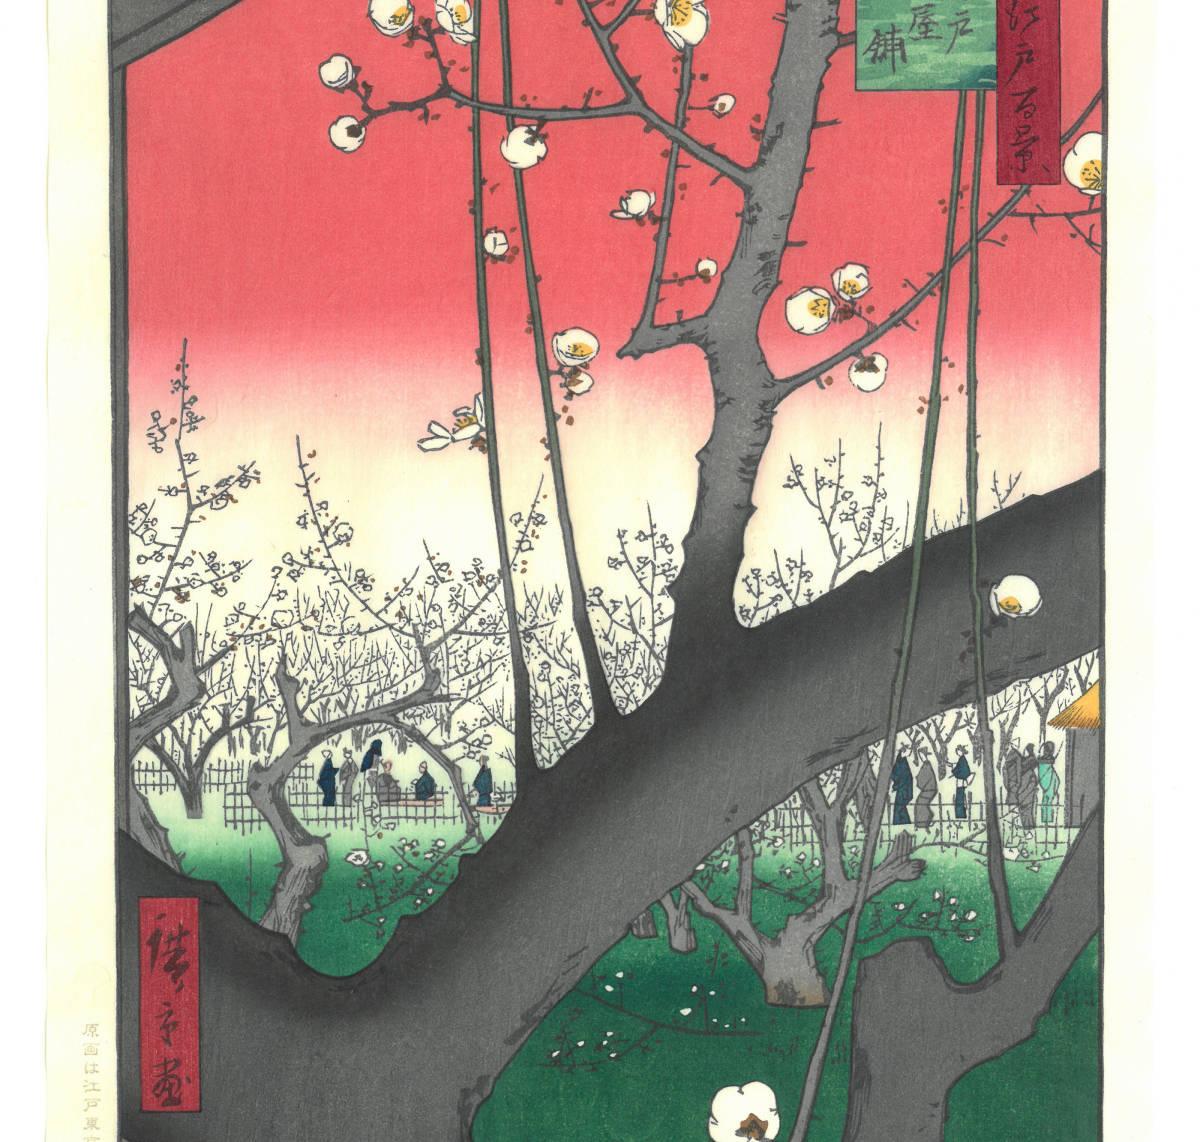 歌川広重 (Utagawa Hiroshige) 木版画 江戸百景 #30. 亀戸梅屋舗 初版1856-58年頃 広重の木版画の真の素晴らしさをご堪能下さい!_画像3